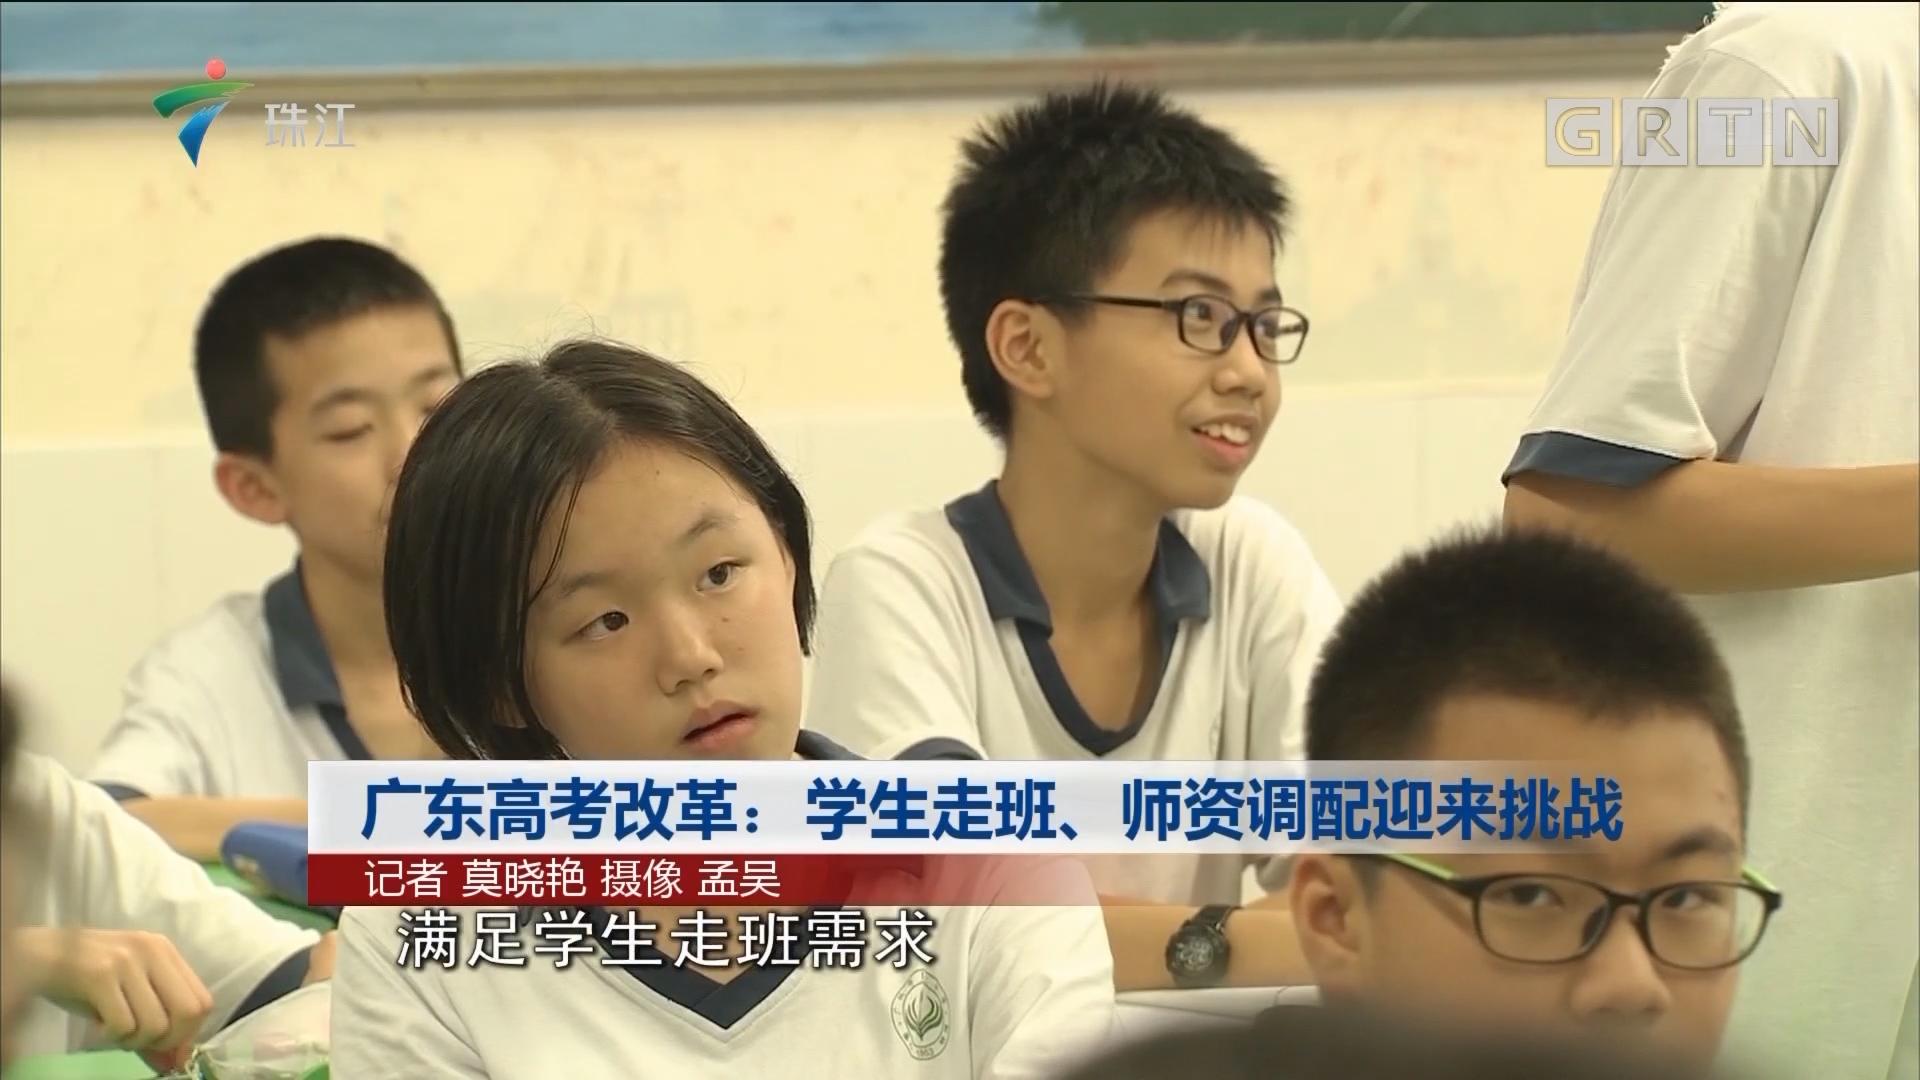 广东高考改革:学生走班、师资调配迎来挑战